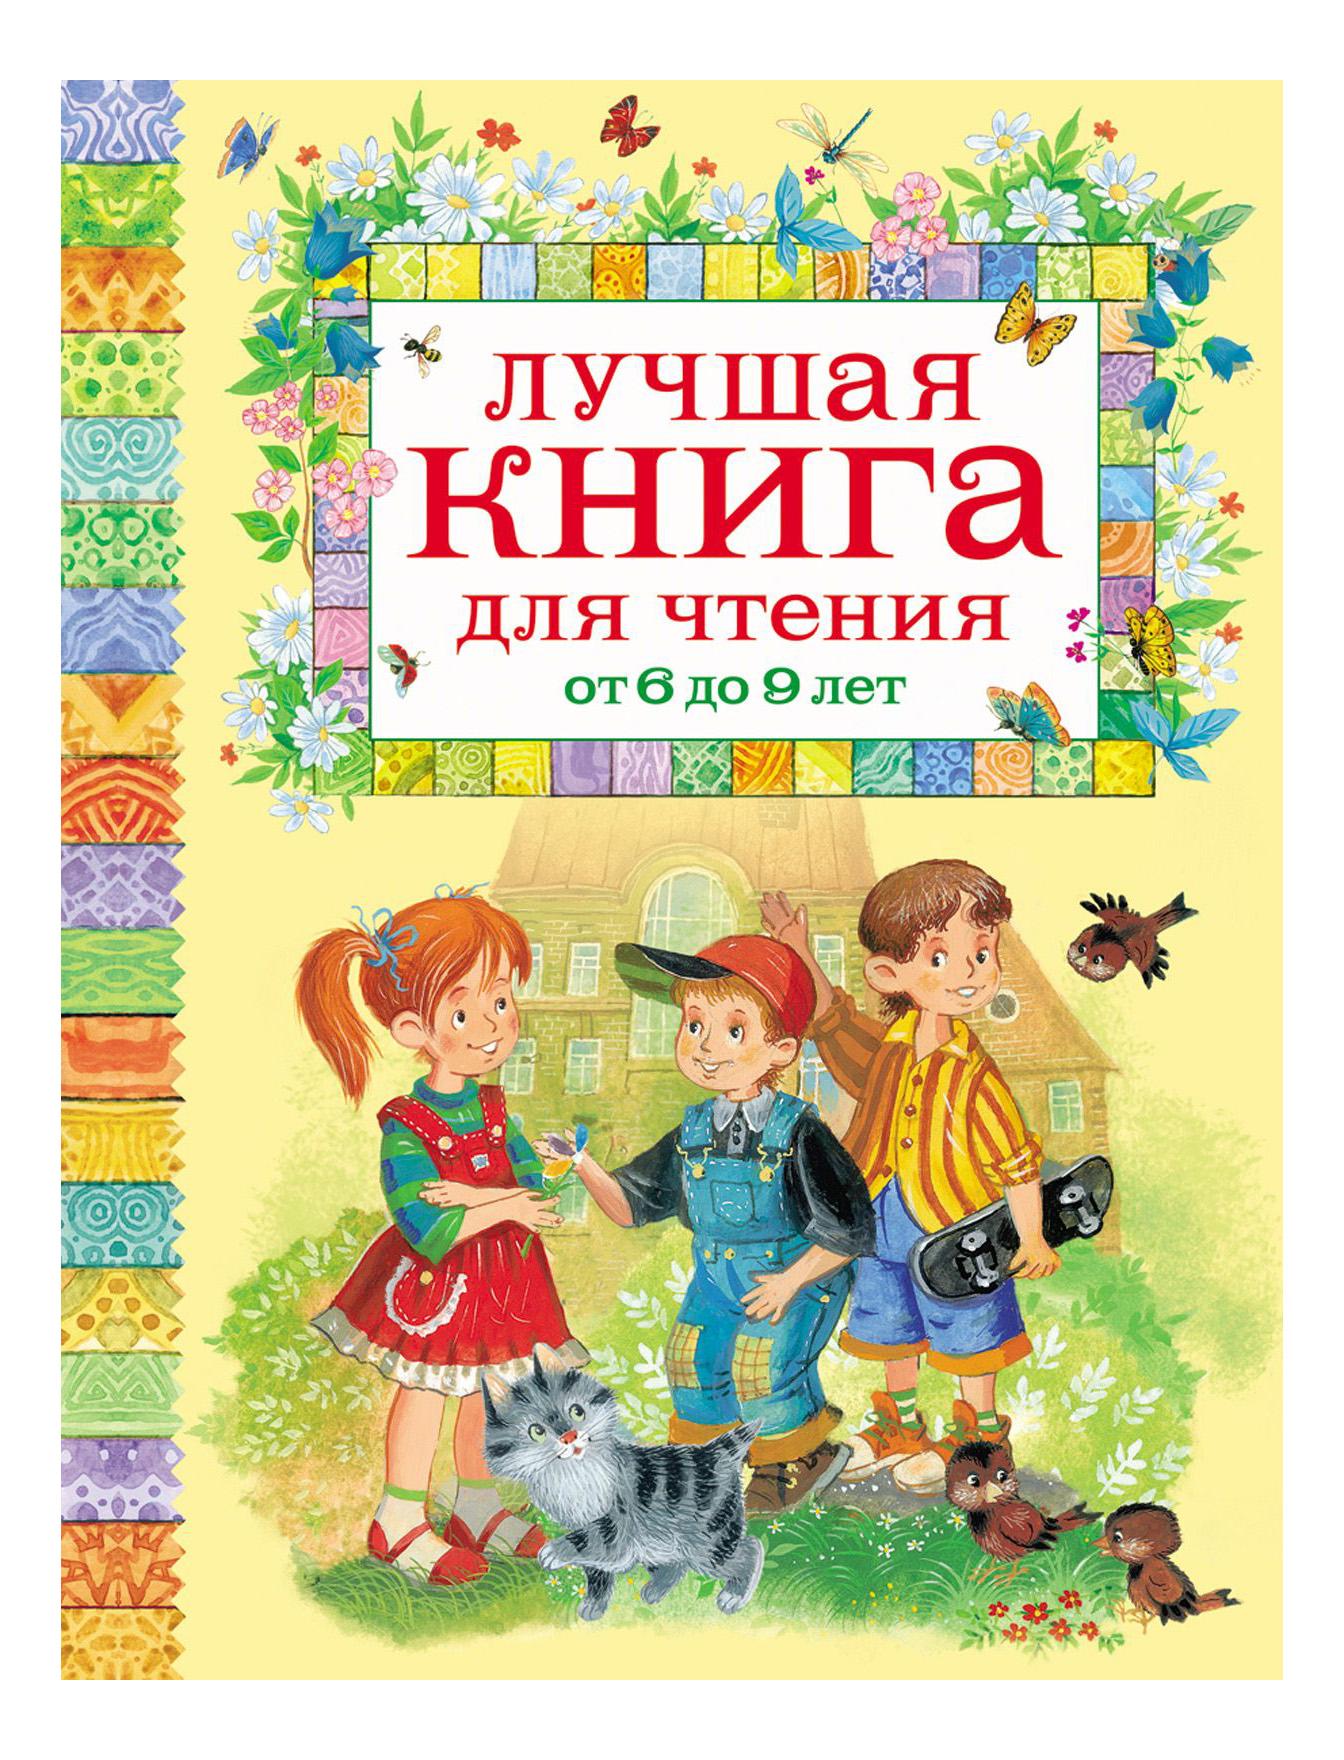 Хрестоматия. лучшая книга для Чтения От 6 до 9 лет